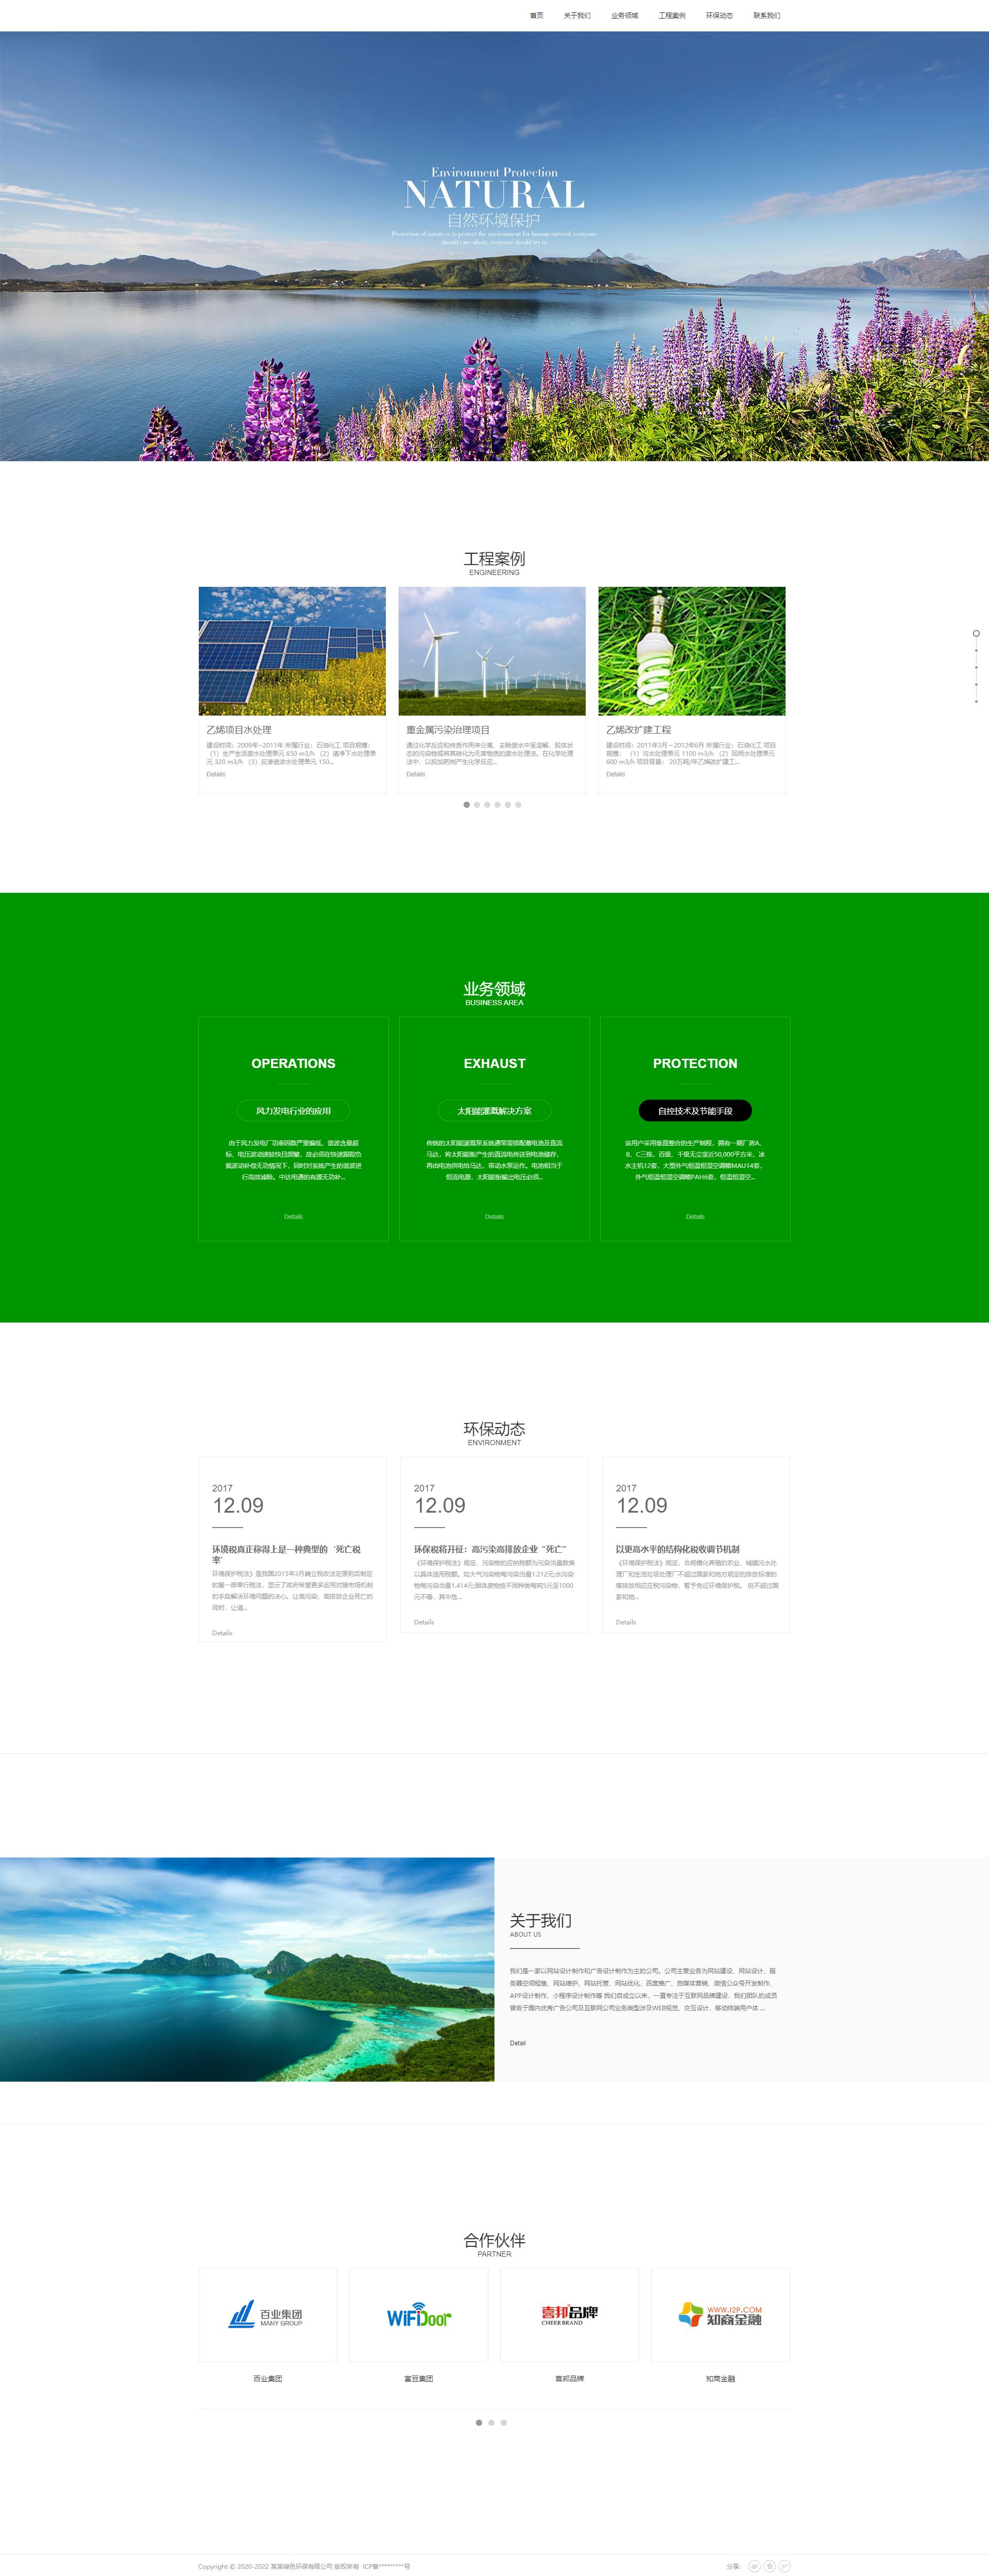 绿色宽屏能源节能环保类企业网站模板